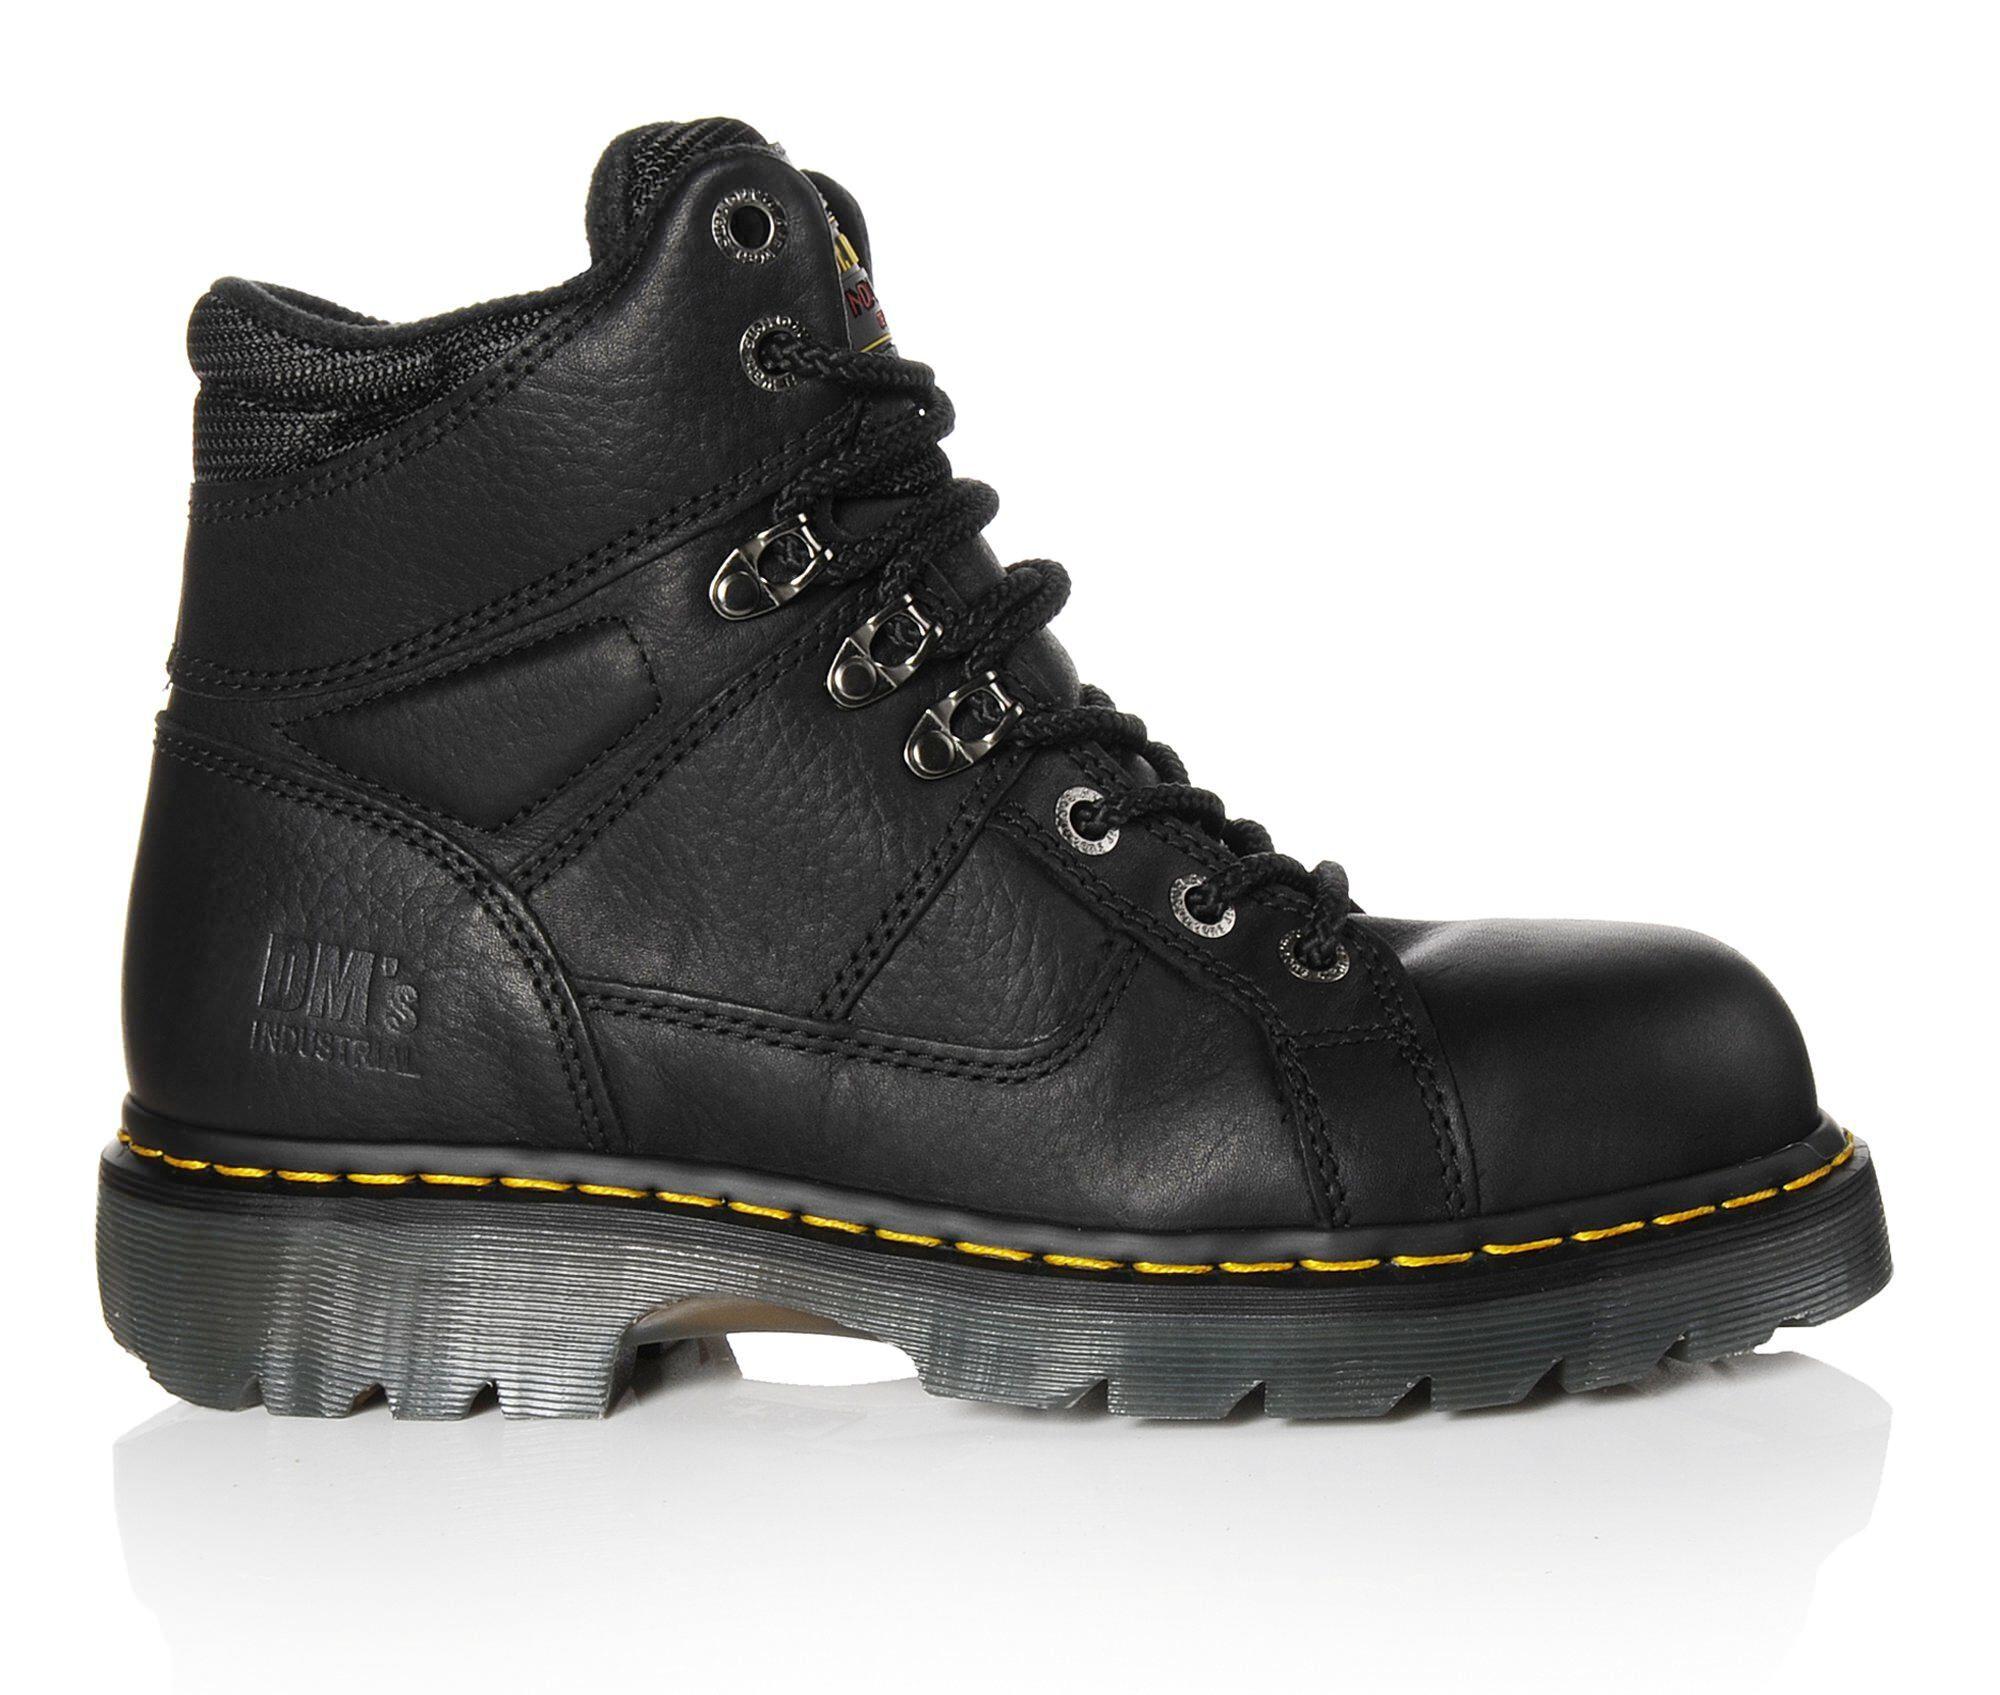 Men's Dr. Martens Industrial Ironbridge 6 In Steel Toe Work Boots Black